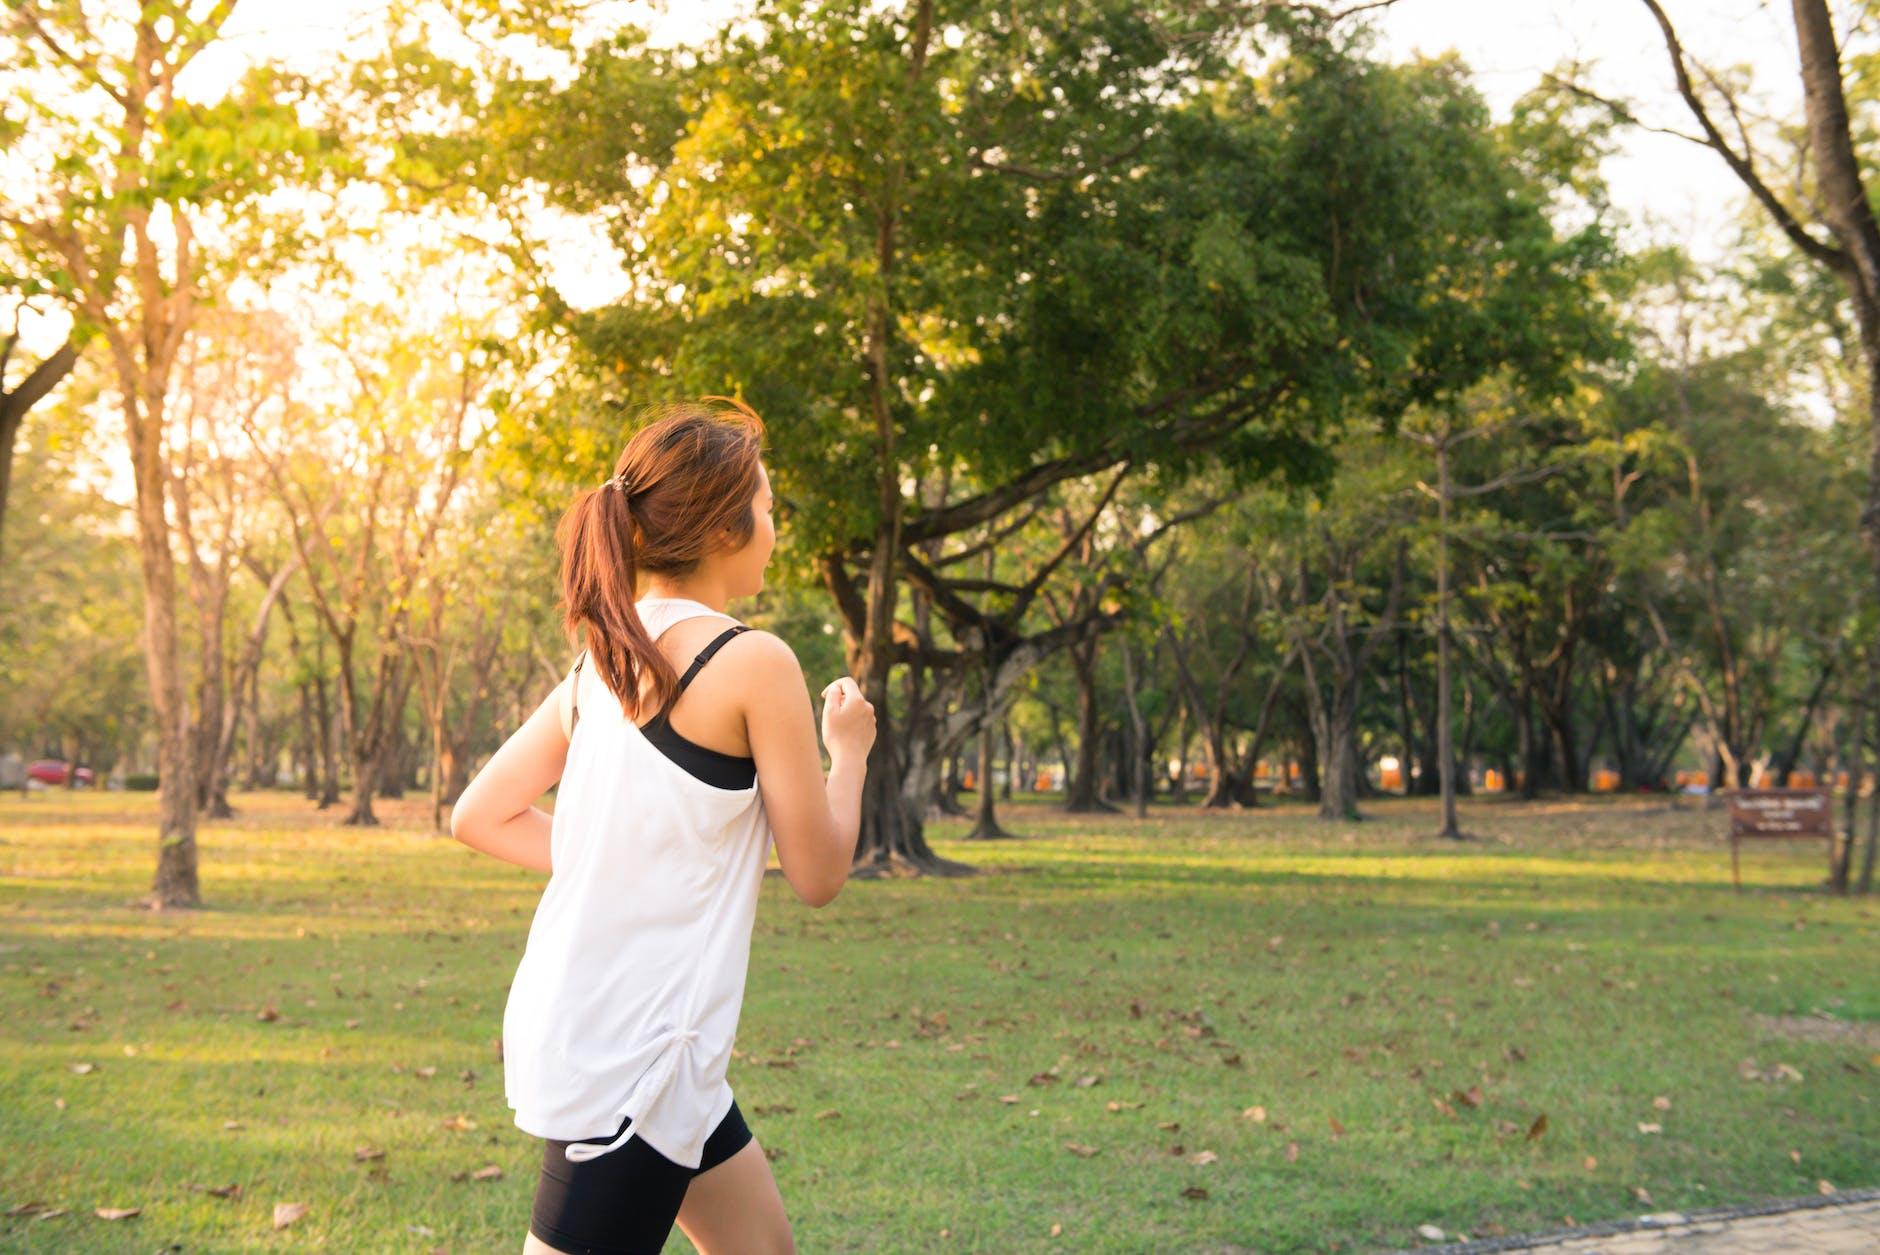 tips puasa untuk ibu hamil olahraga teratur